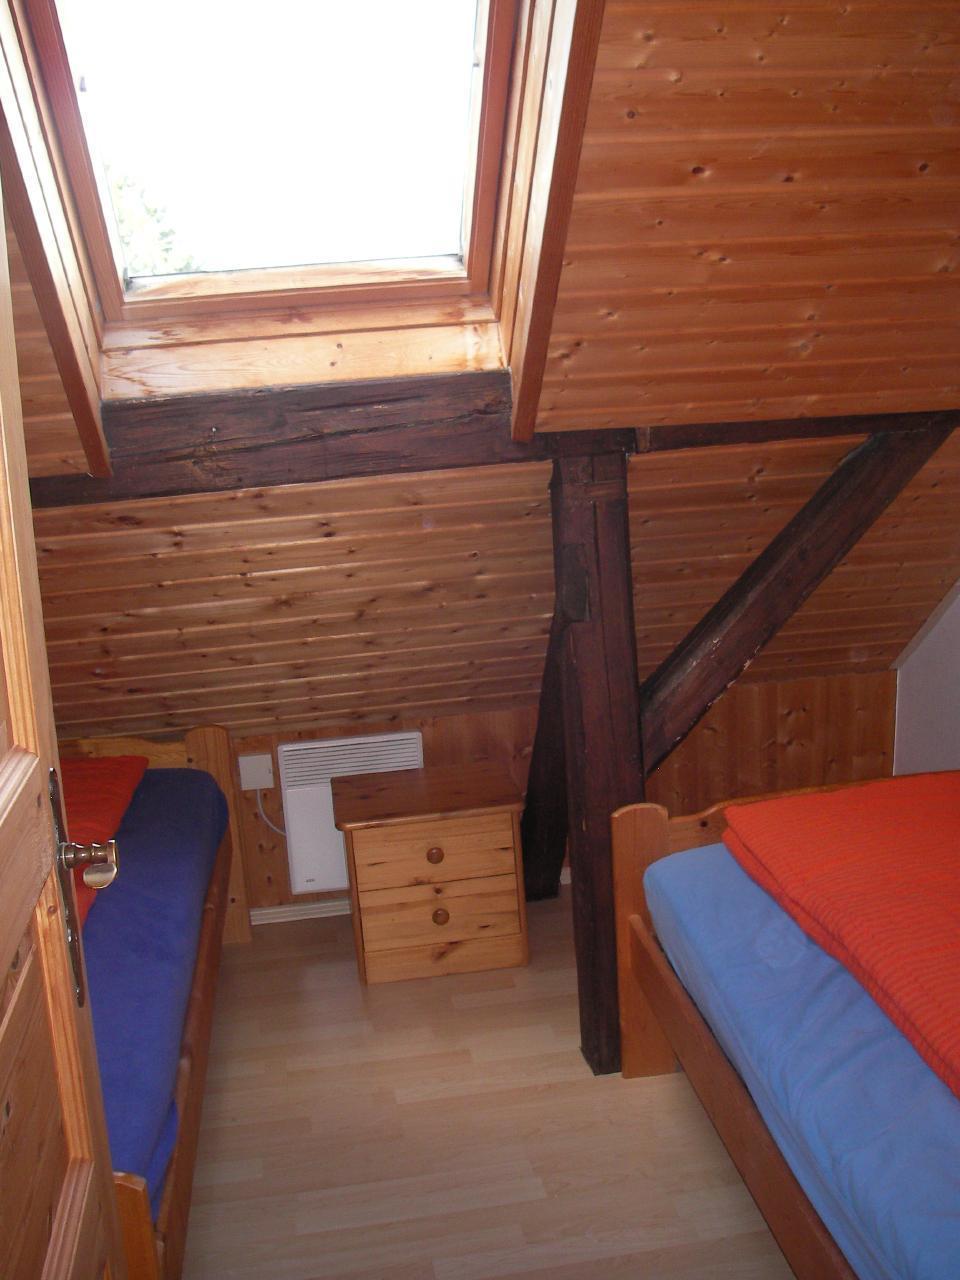 Ferienwohnung Haus Hilde Wohnung 2 (993407), Presseck, Oberfranken, Bayern, Deutschland, Bild 16